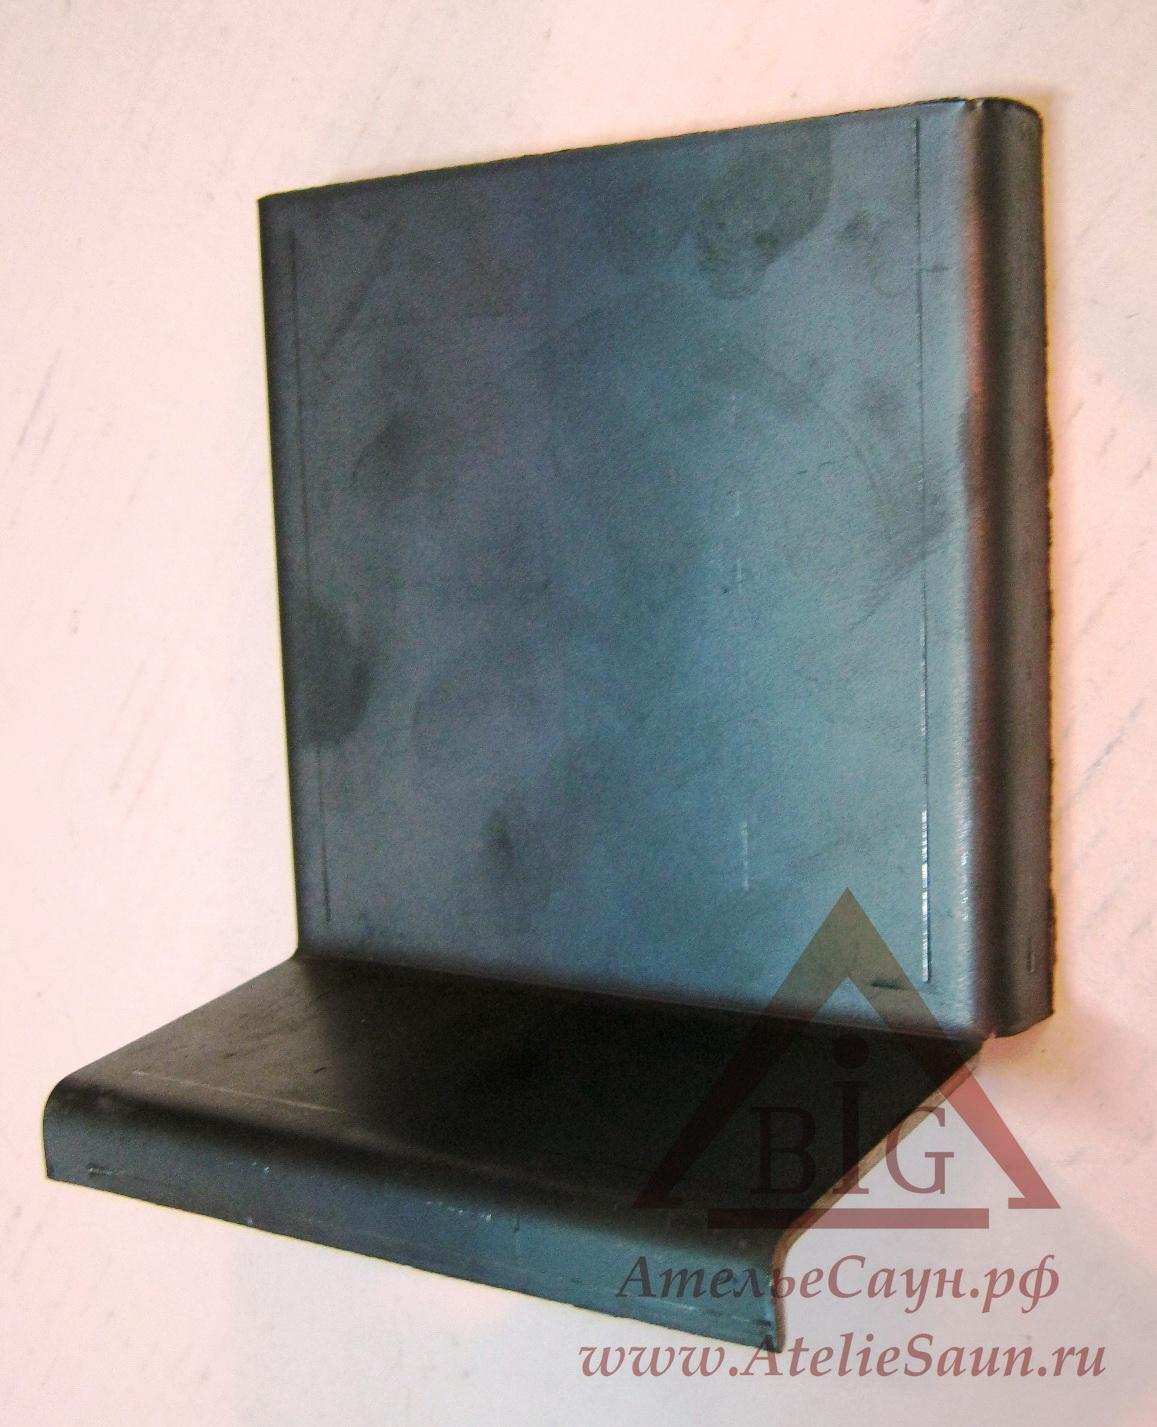 Пластина дожига для печей Kastor KL-16 (защита задней стенки топки, арт. 098071)